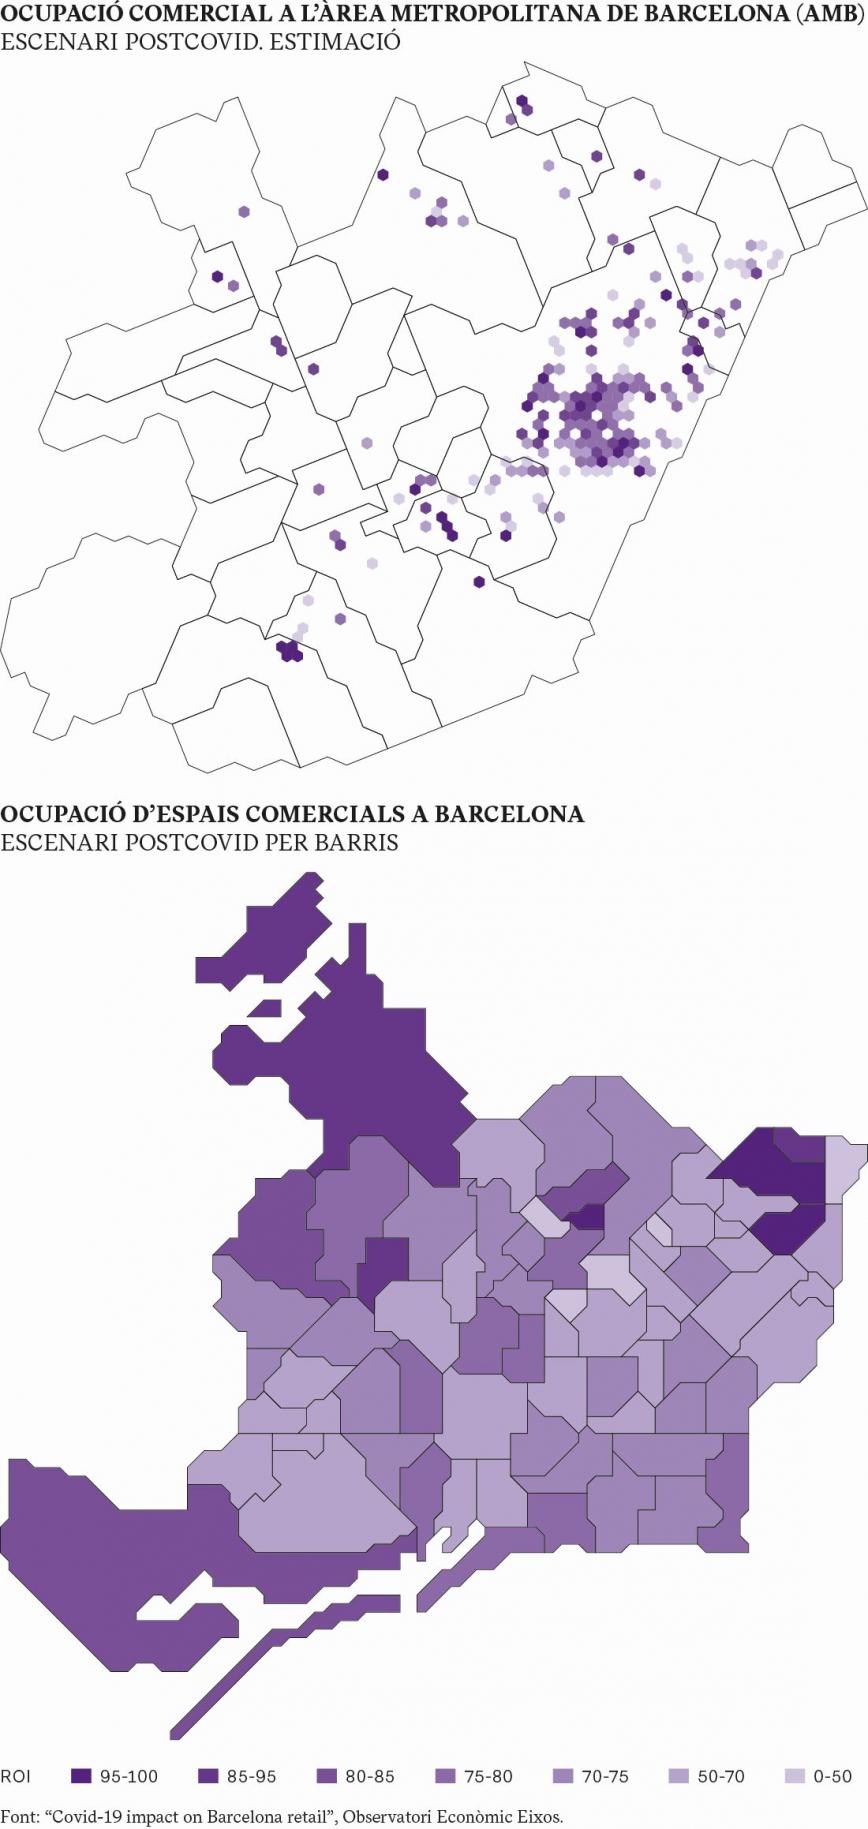 OCUPACIÓ COMERCIAL A L'ÀREA METROPOLITANA DE BARCELONA (AMB) I CIUTAT DE BARCELONA: ESCENARI POSTCOVID. ESTIMACIÓ